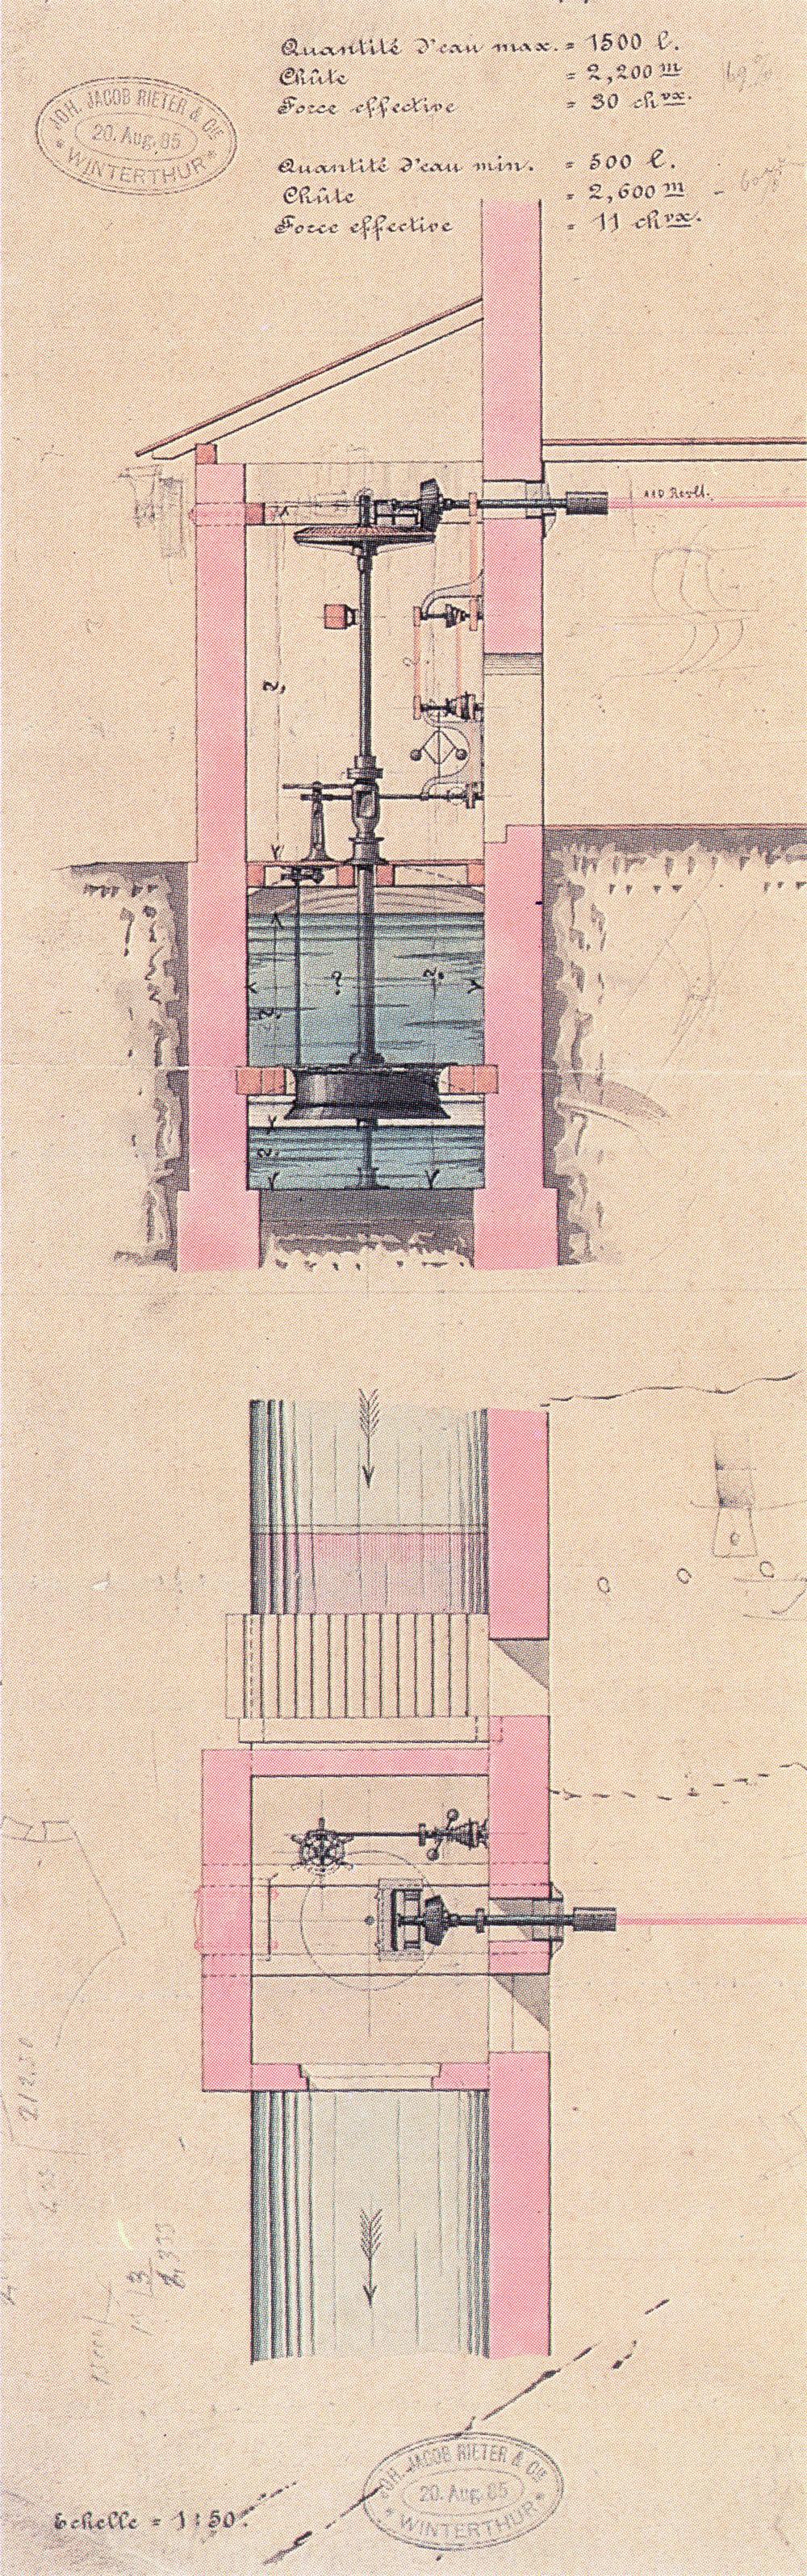 progetto-turbina-1885